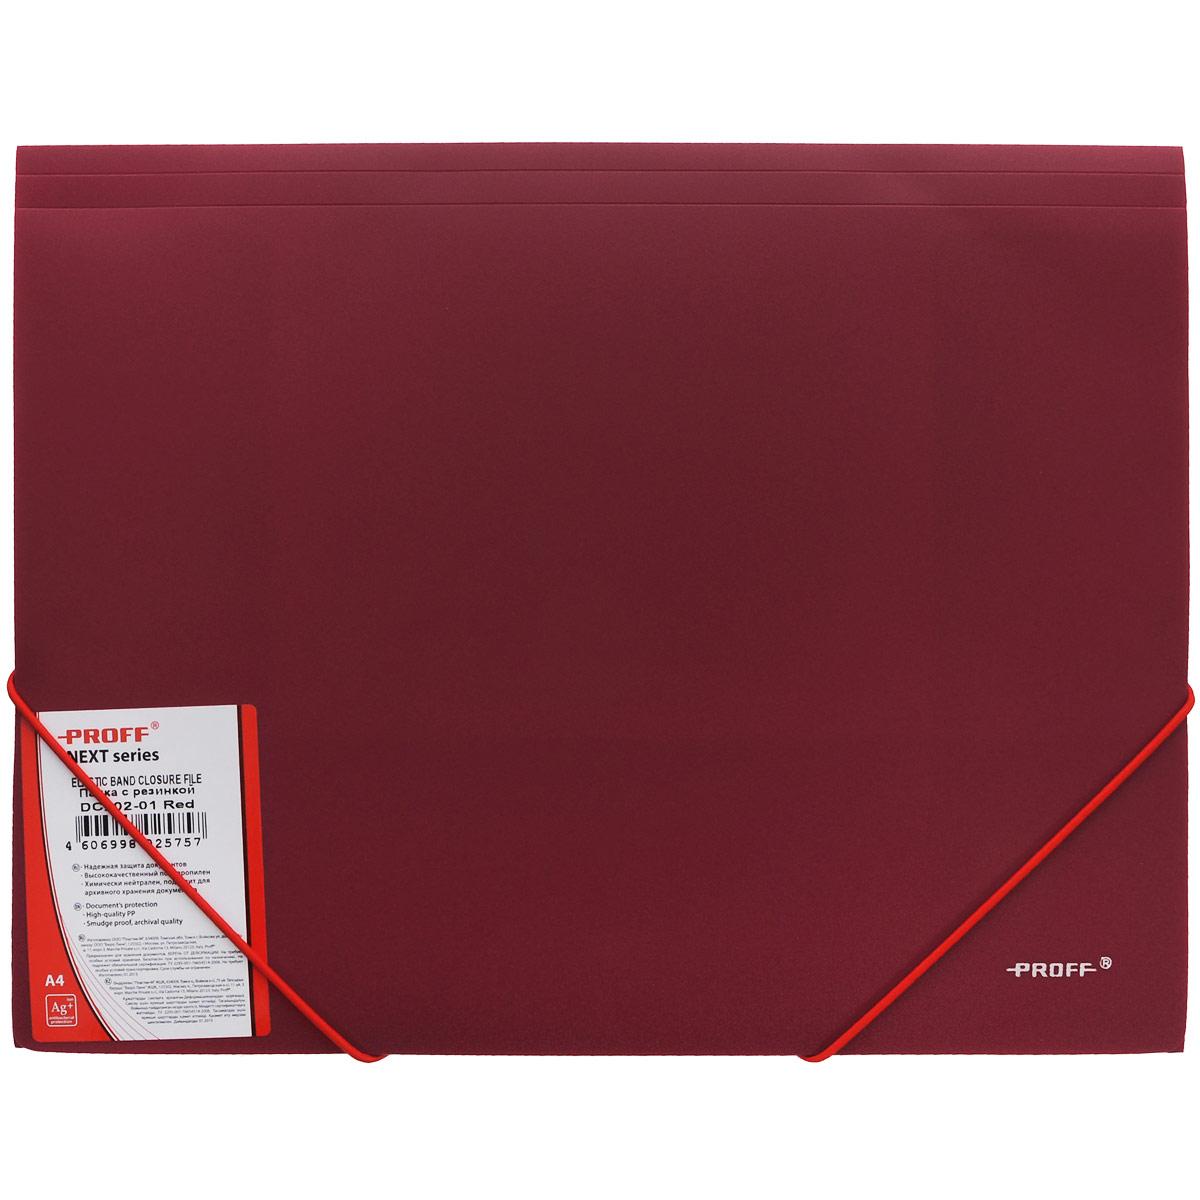 Proff Папка на резинке Next цвет темно-красный6-203_цв. Полоска, черныйПапка на резинке Proff Next, изготовленная из высококачественного плотногополипропилена, это удобный и практичный офисный инструмент, предназначенный для хранения и транспортировки рабочих бумаг и документов формата А4. Матовая папка, оснащенная тремя клапанами внутри для надежного удержания бумаг, закрывается при помощи угловых резинок. Согнув клапаны по линии биговки, можно легко увеличить объем папки, что позволитвместить большее количество документов.Папка на резинке - это незаменимый атрибут для студента, школьника, офисного работника. Такая папка надежно сохранит ваши документы и сбережет их от повреждений, пыли и влаги.